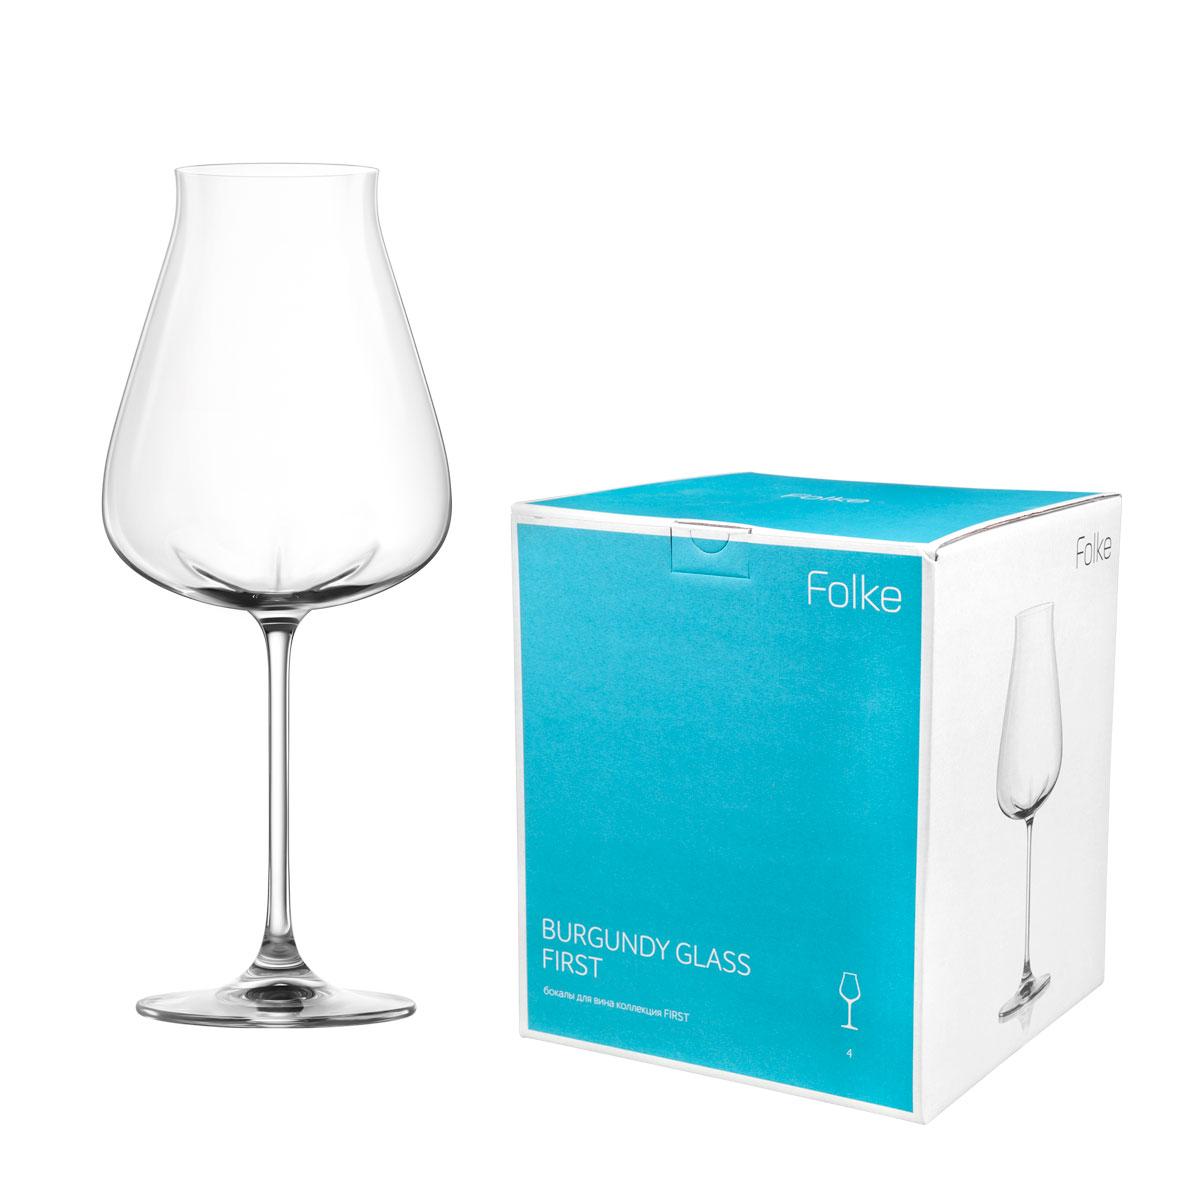 Набор бокалов для вина Folke Burgundy Glass, 700 мл, 4 предмета. 2007177U2007177UКоллекция First- это бокалы из бессвинцового хрусталя высшего качества. Наша продукция отличается исключительной чистотой и повышенной устойчивостью к механическим повреждениям. Улучшенные характеристики изделий позволяют использовать их повседневно в домашних условиях и в ресторанном бизнесе. Оригинальный дизайн позволяет любому напитку полностью раскрыться и заиграть новыми красками. Это поистине уникальное творение современных технологий и многолетнего опыта лучших мировых сомелье.